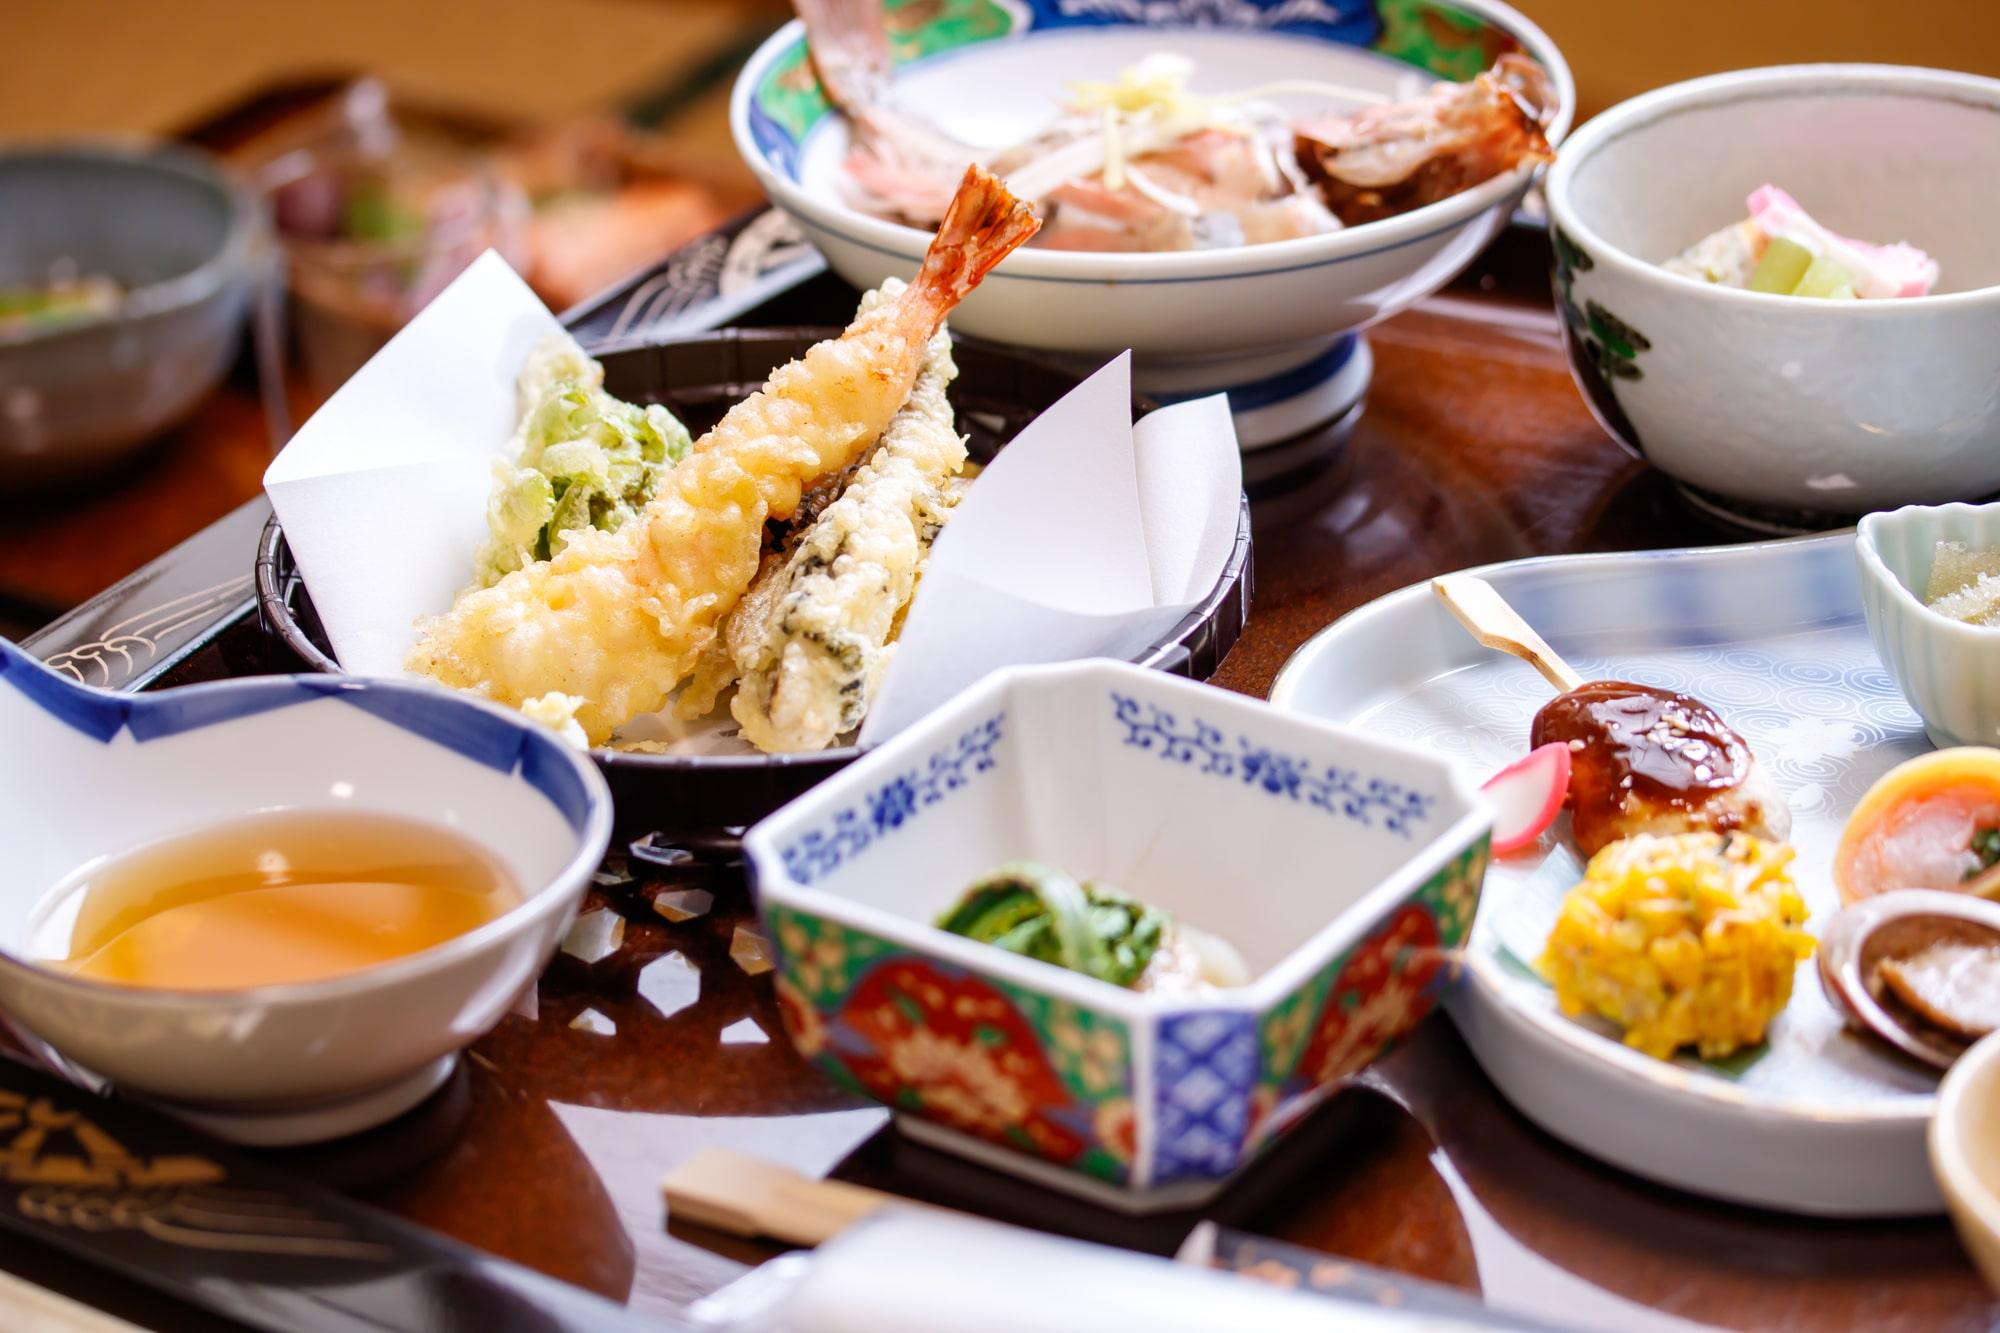 高崎には和食の美味しいお店がたくさんある